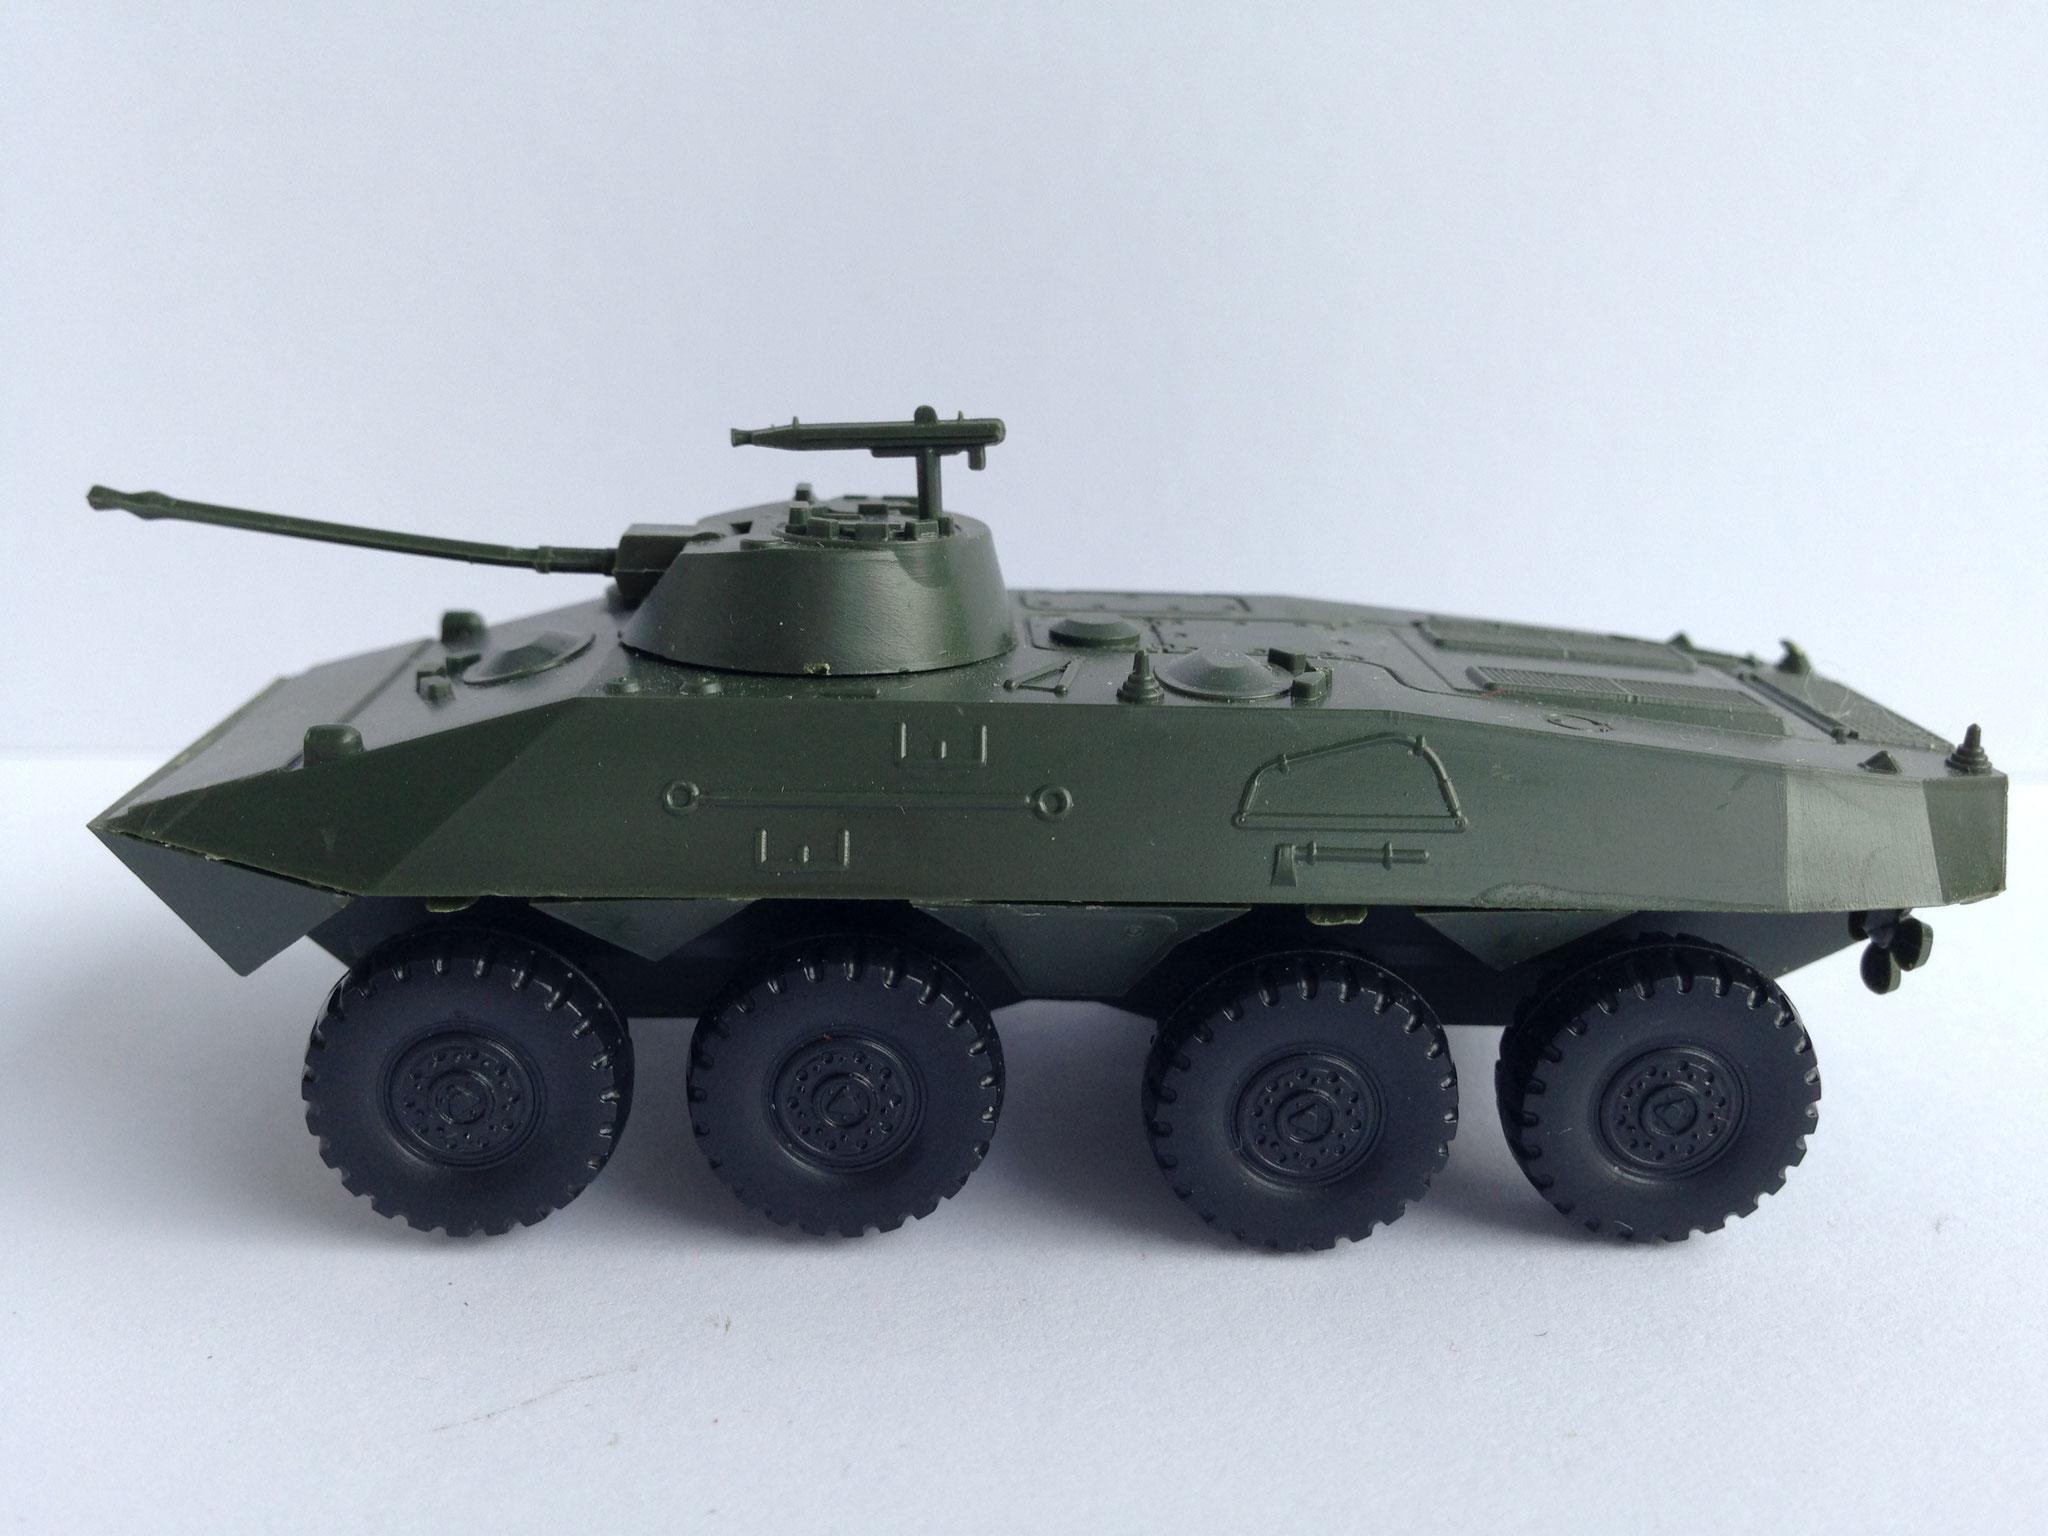 Spähpanzer, 8-Rad, Bundeswehr, Art. Nr. 3 (ab 1971 im Programm)